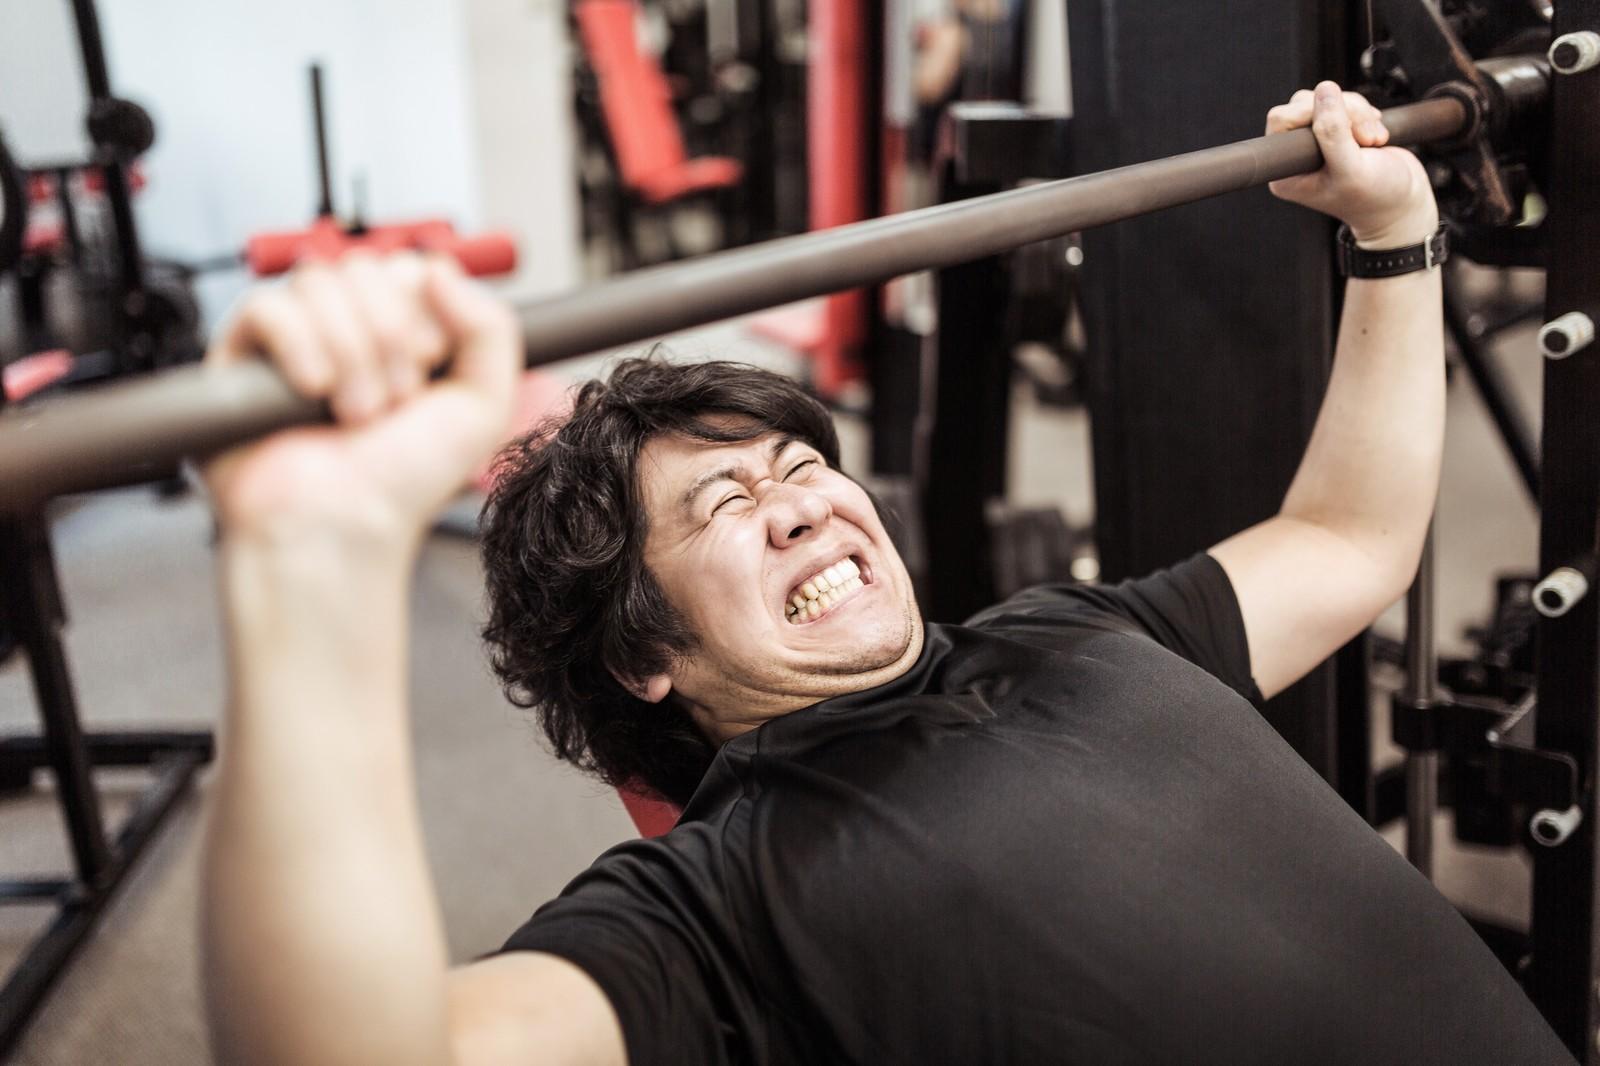 バーンマシンの効果がすごい!腹筋・胸筋を短時間で鍛える!使い方も解説!のサムネイル画像